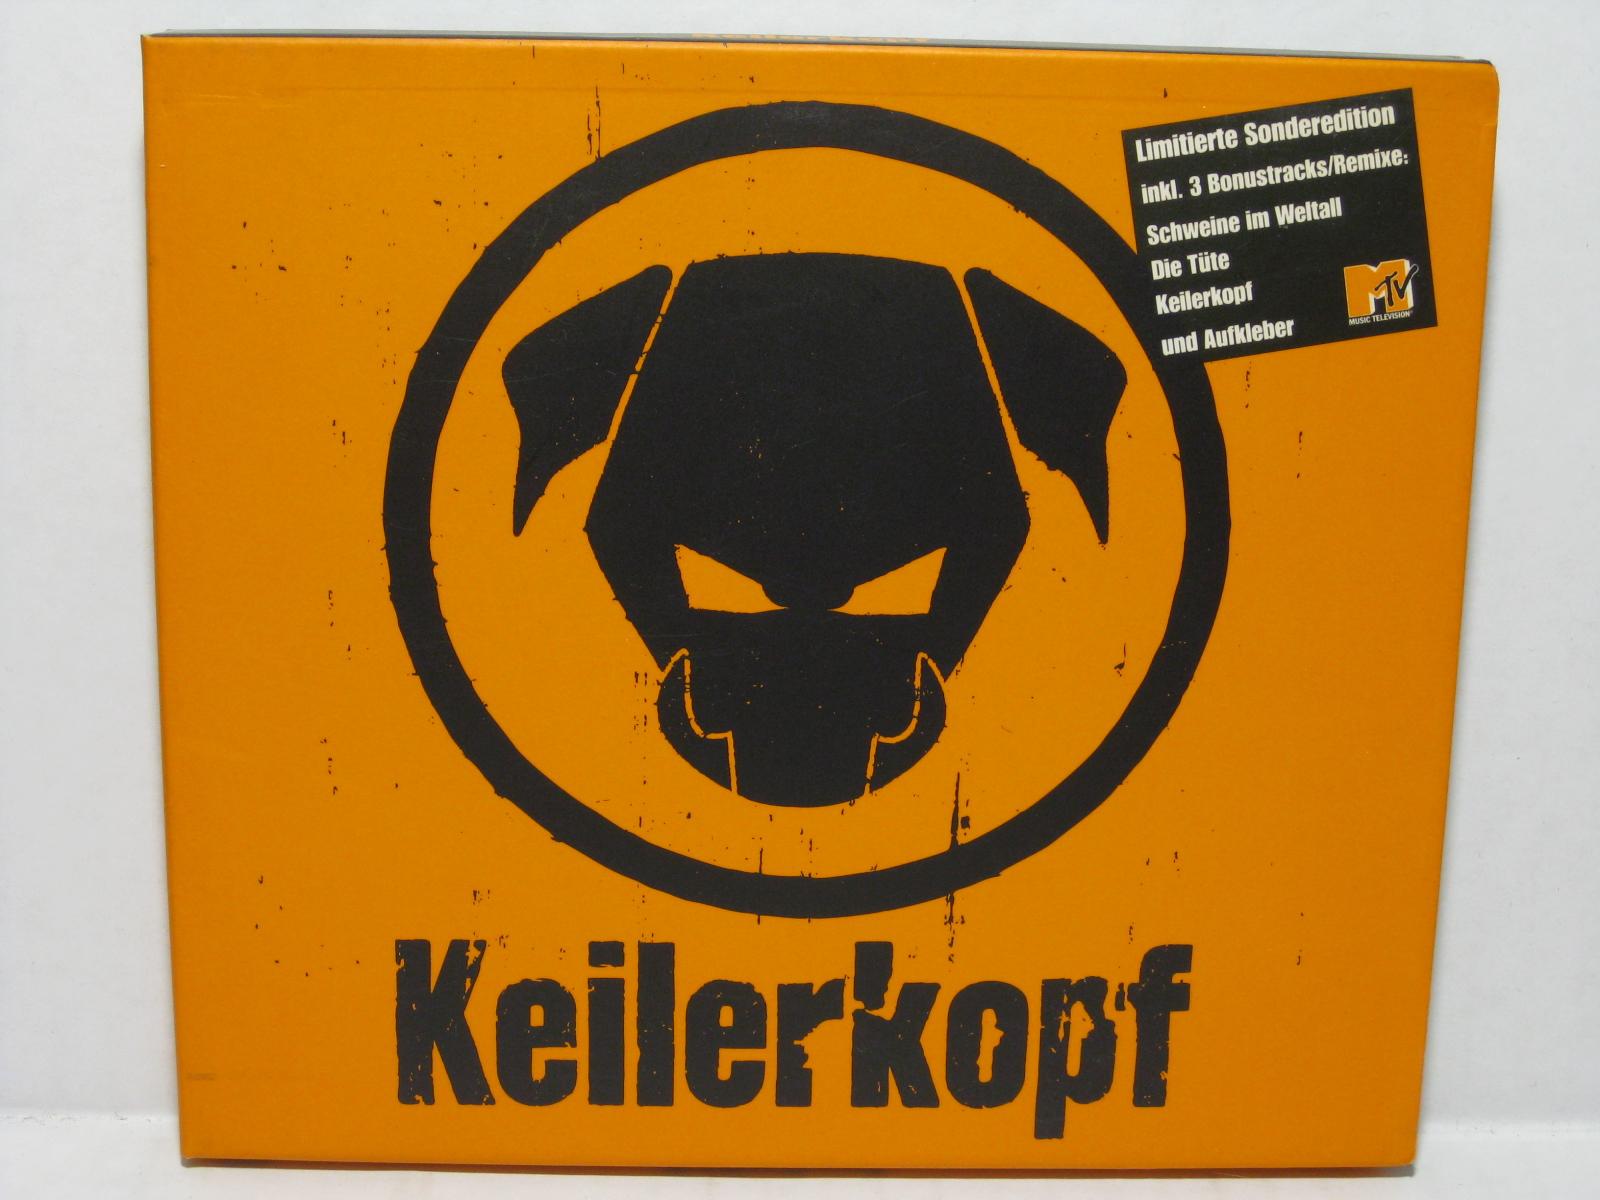 KEILERKOPF - KEILERKOPF